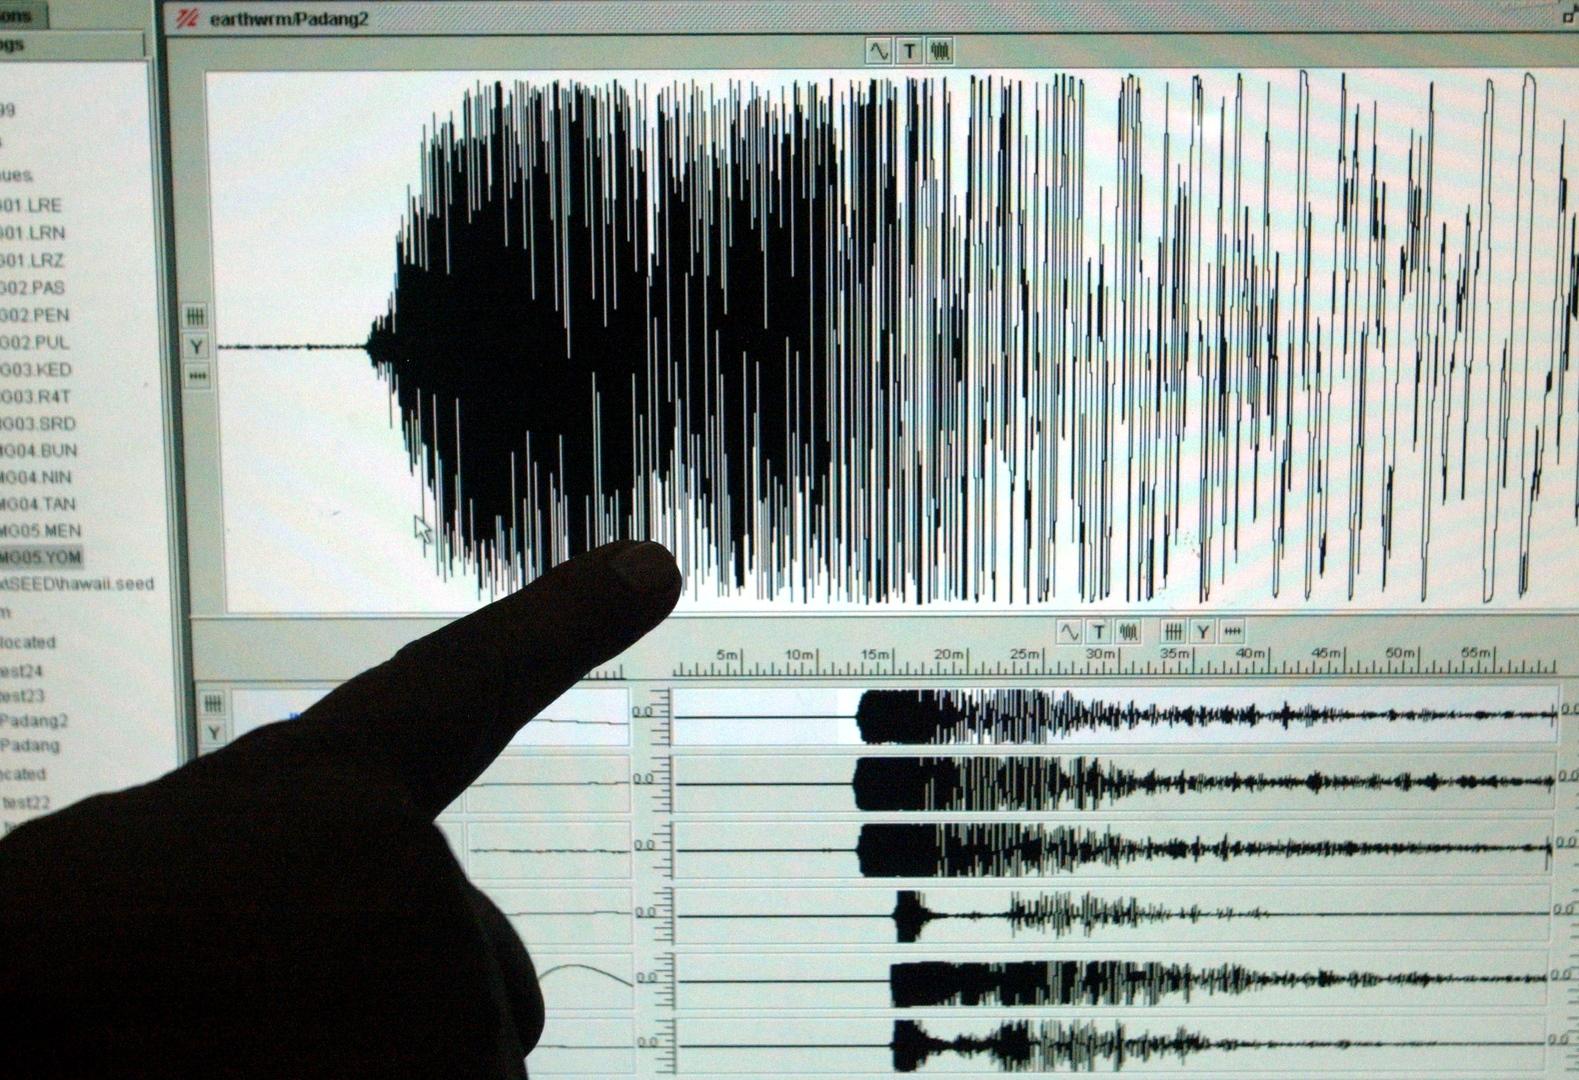 زلزال بقوة 5.4 درجة يضرب جنوب الفلبين